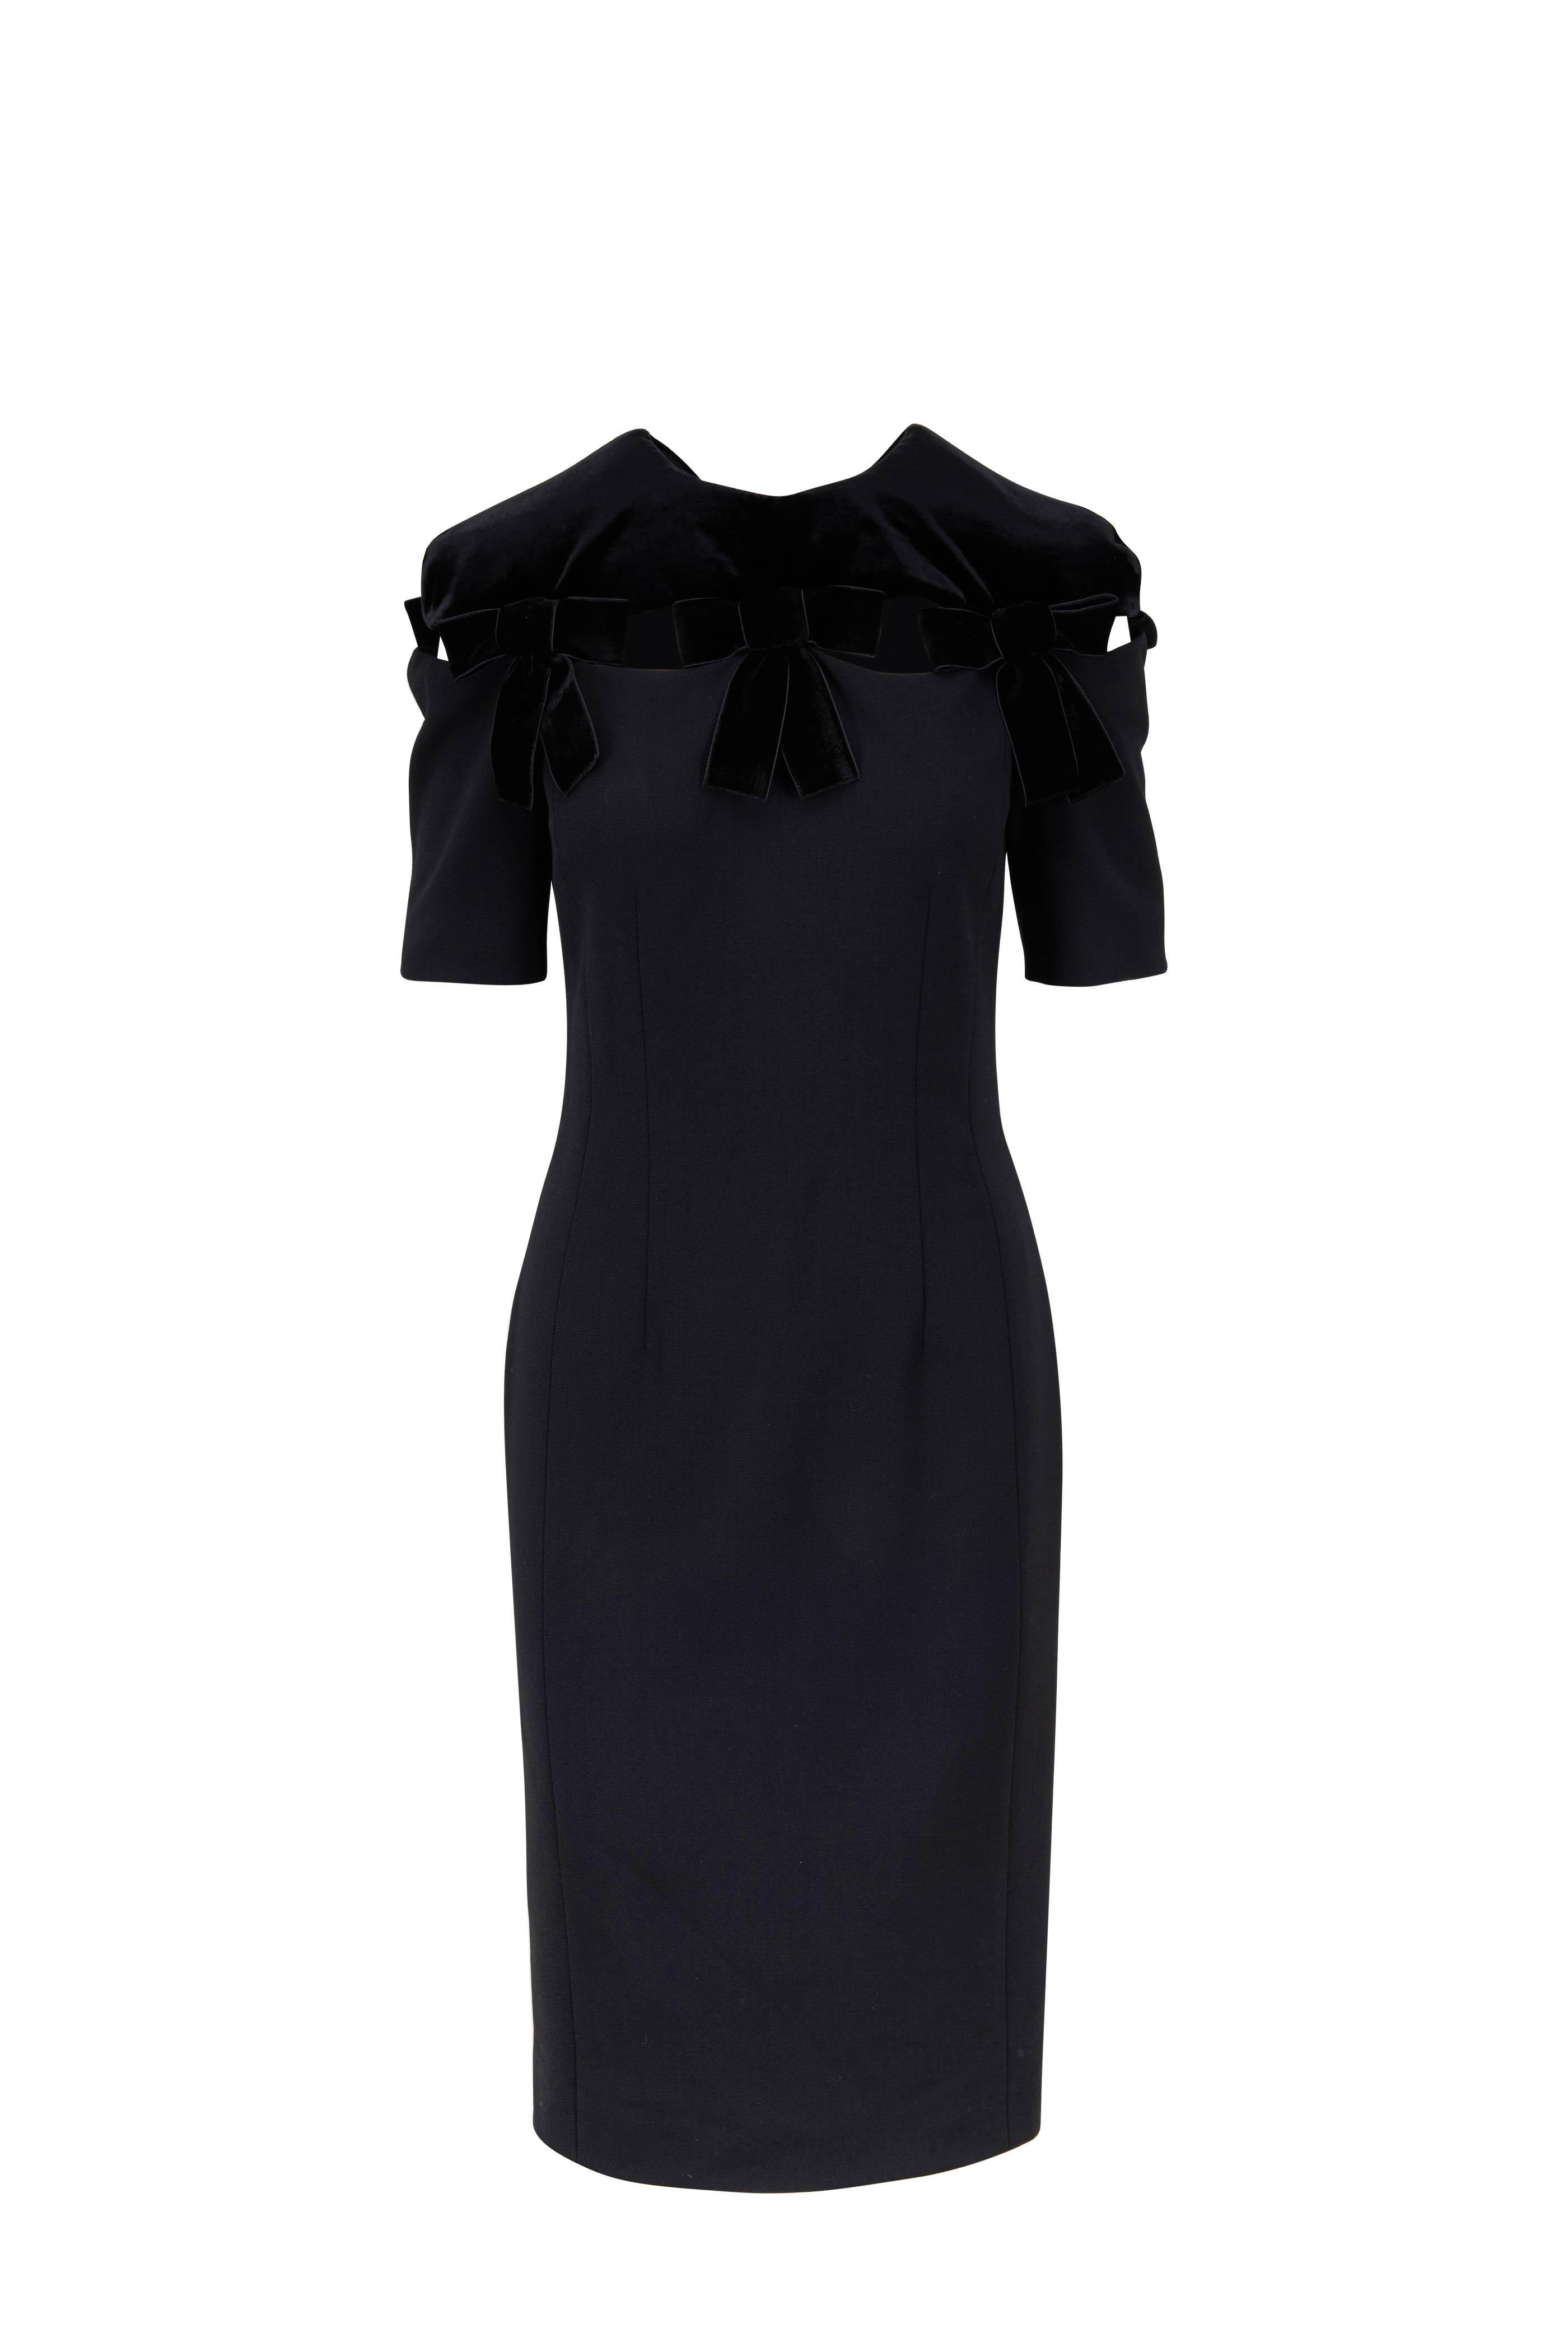 Fendi Black Wool Velvet Bow Detail Short Sleeve Dress